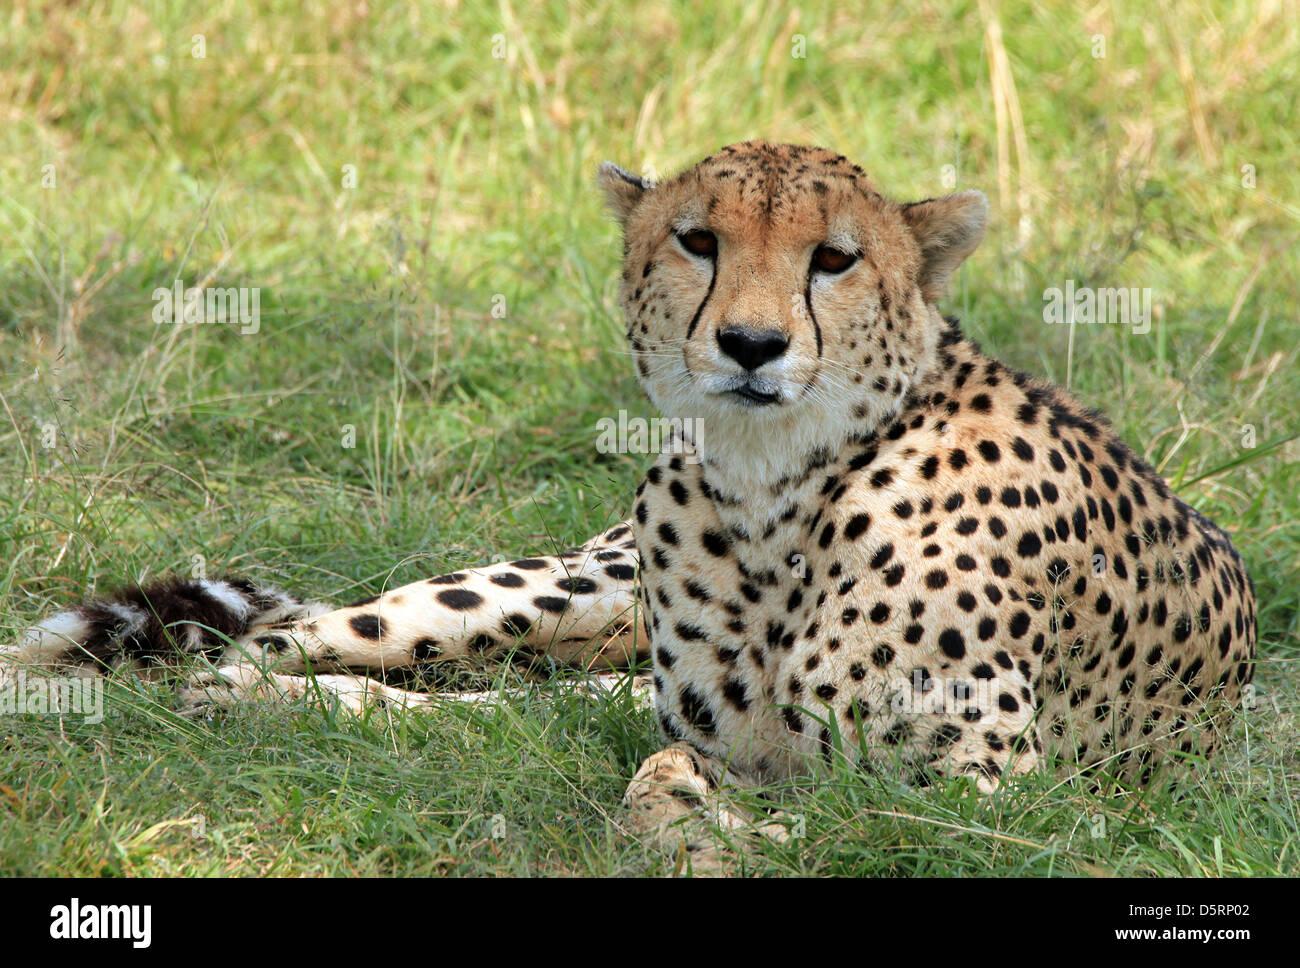 Cheetah (Acinonyx Jubatus) Lying in the Grass, Maasai Mara, Kenya - Stock Image